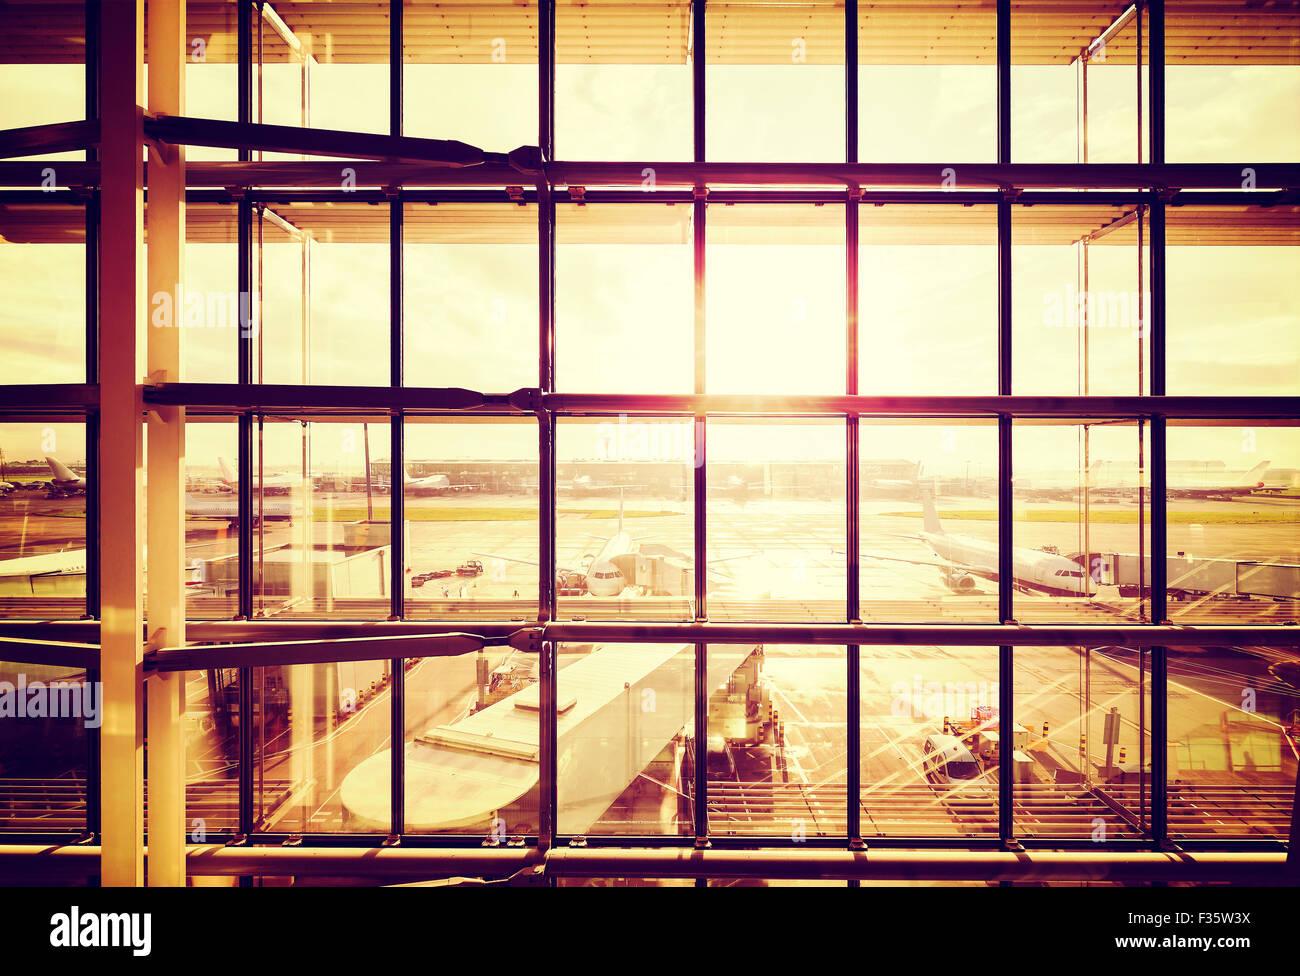 Vintage gefilterte Bild von einem Flughafen, Transport und Reisen Geschäftskonzept. Stockfoto